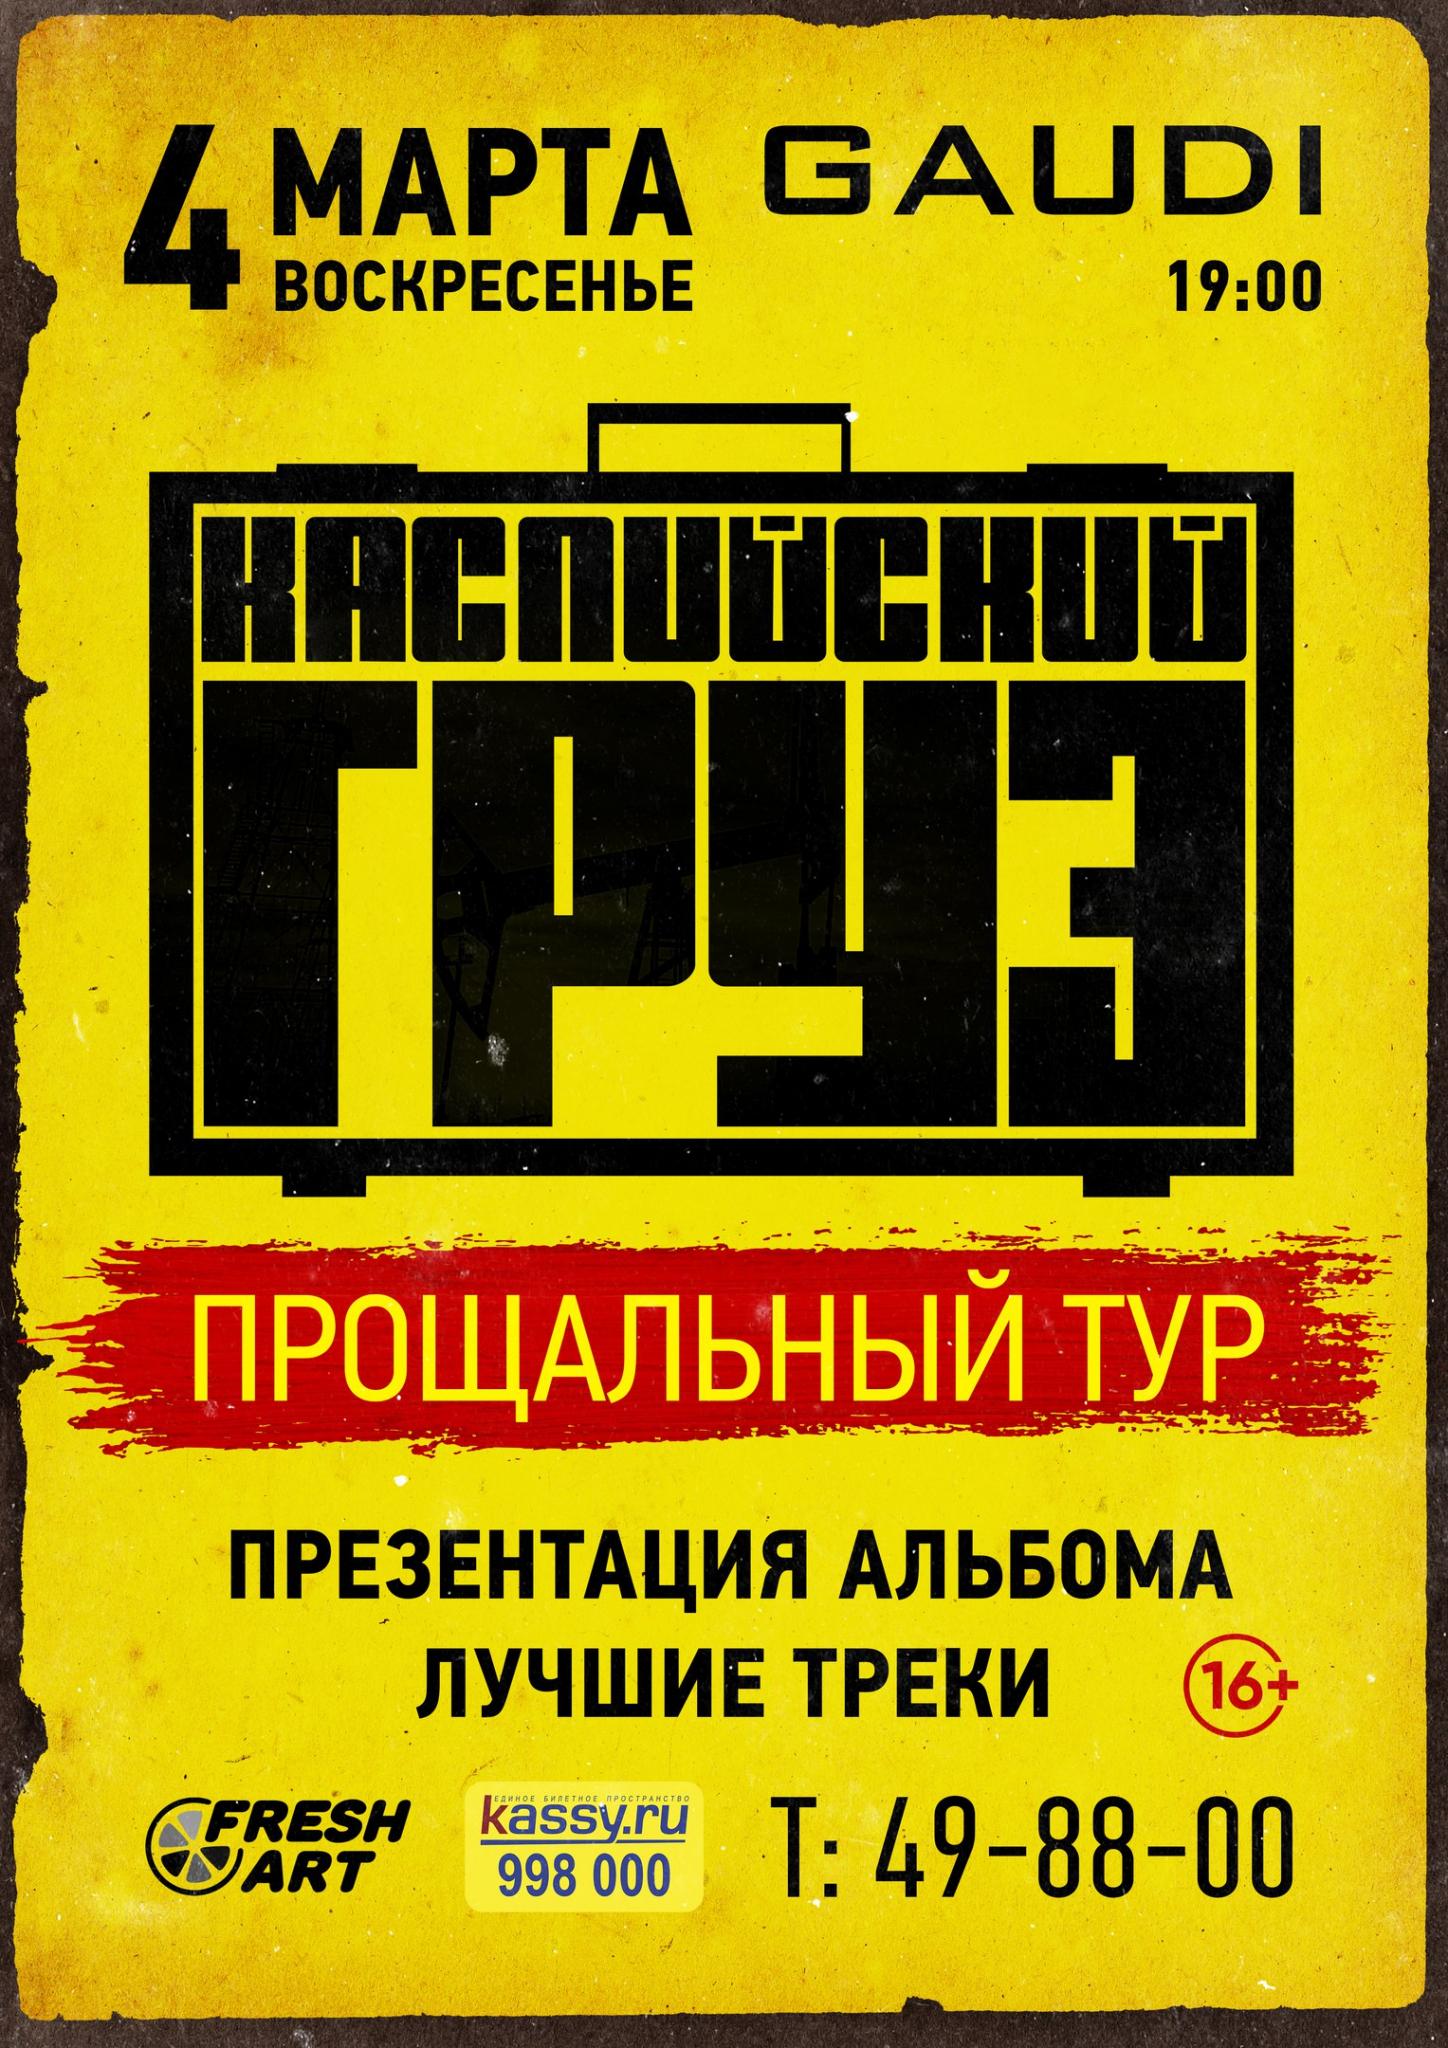 Подать объявление груз частные объявления продажи земельного участка в перми